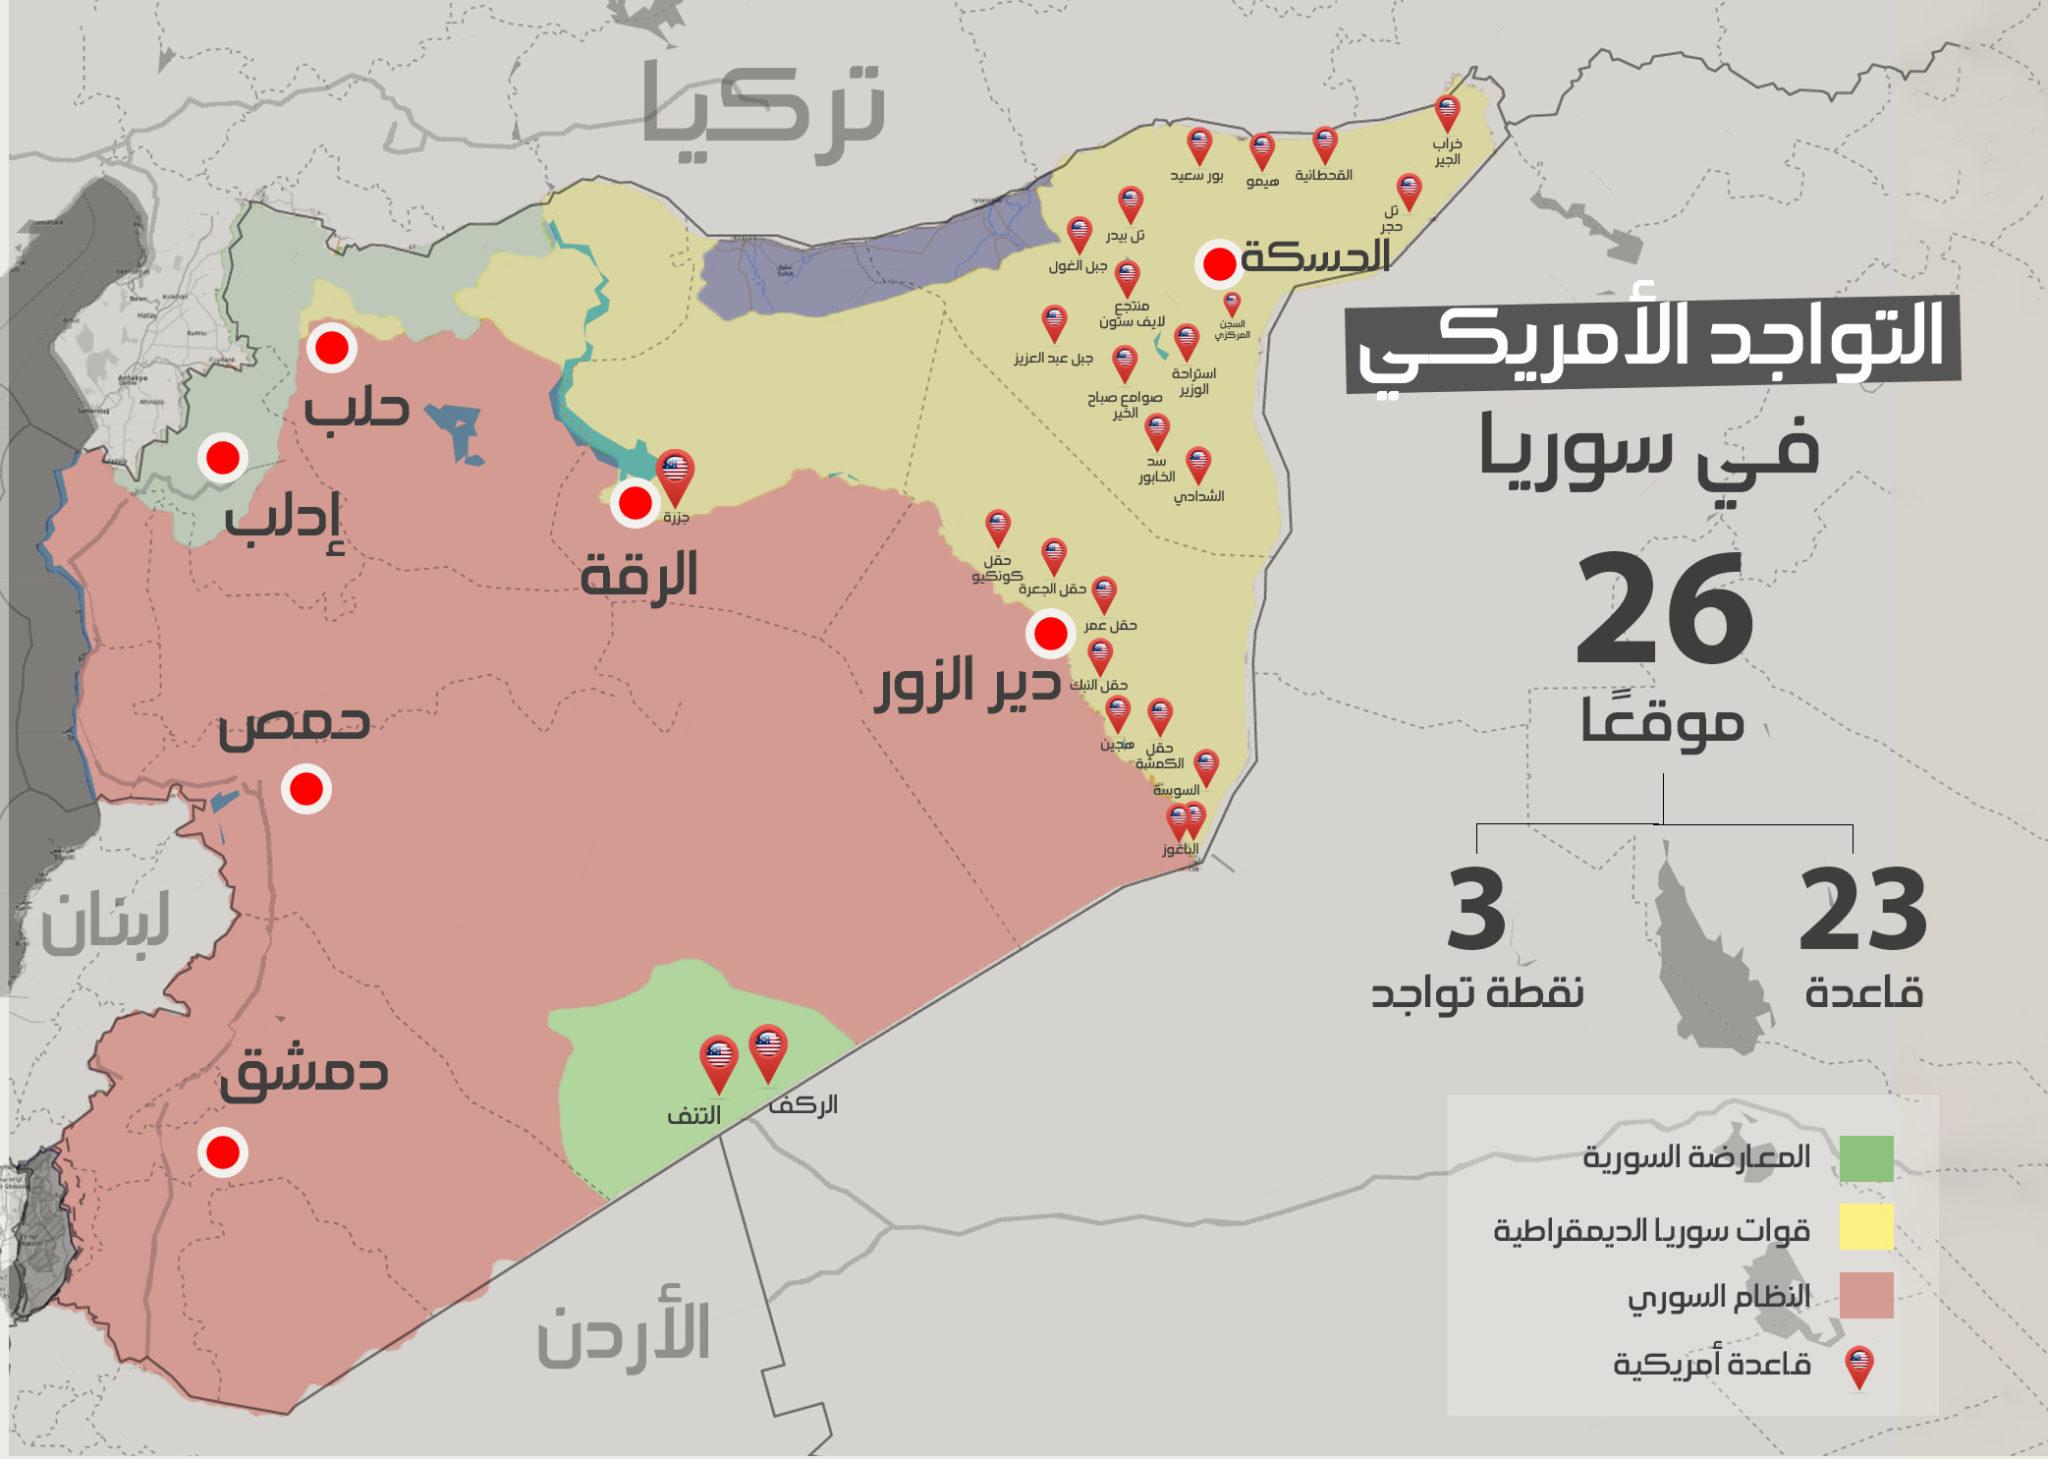 خريطة تظهر توزع القواعد الأمريكية في شرقي سوريا (عنب بلدي)